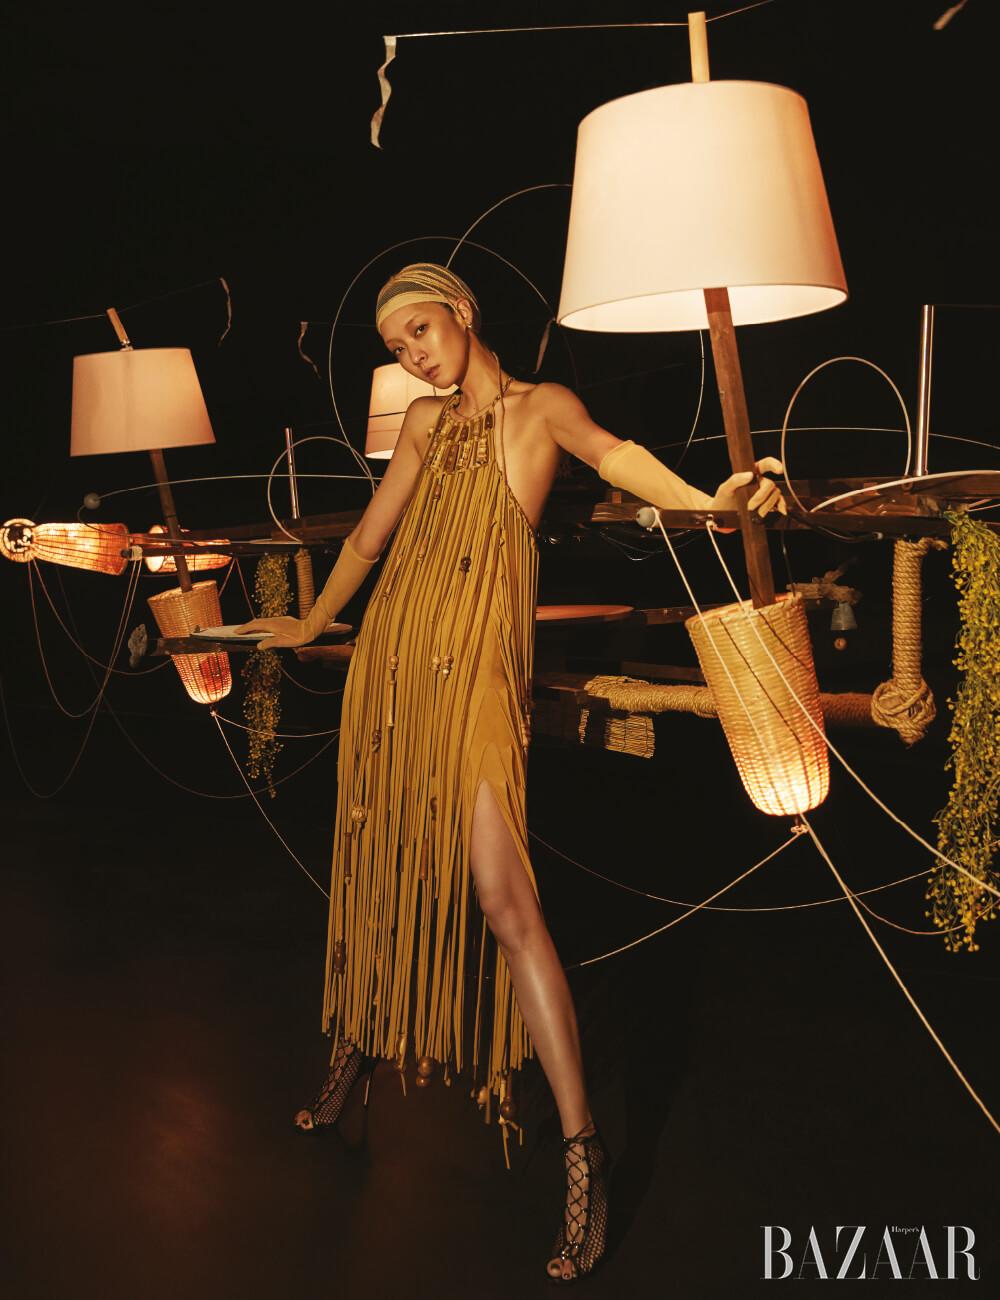 드레스는 Ports 1961, 장갑은 MaxMara, 샌들은 Gianvito Rossi 제품.